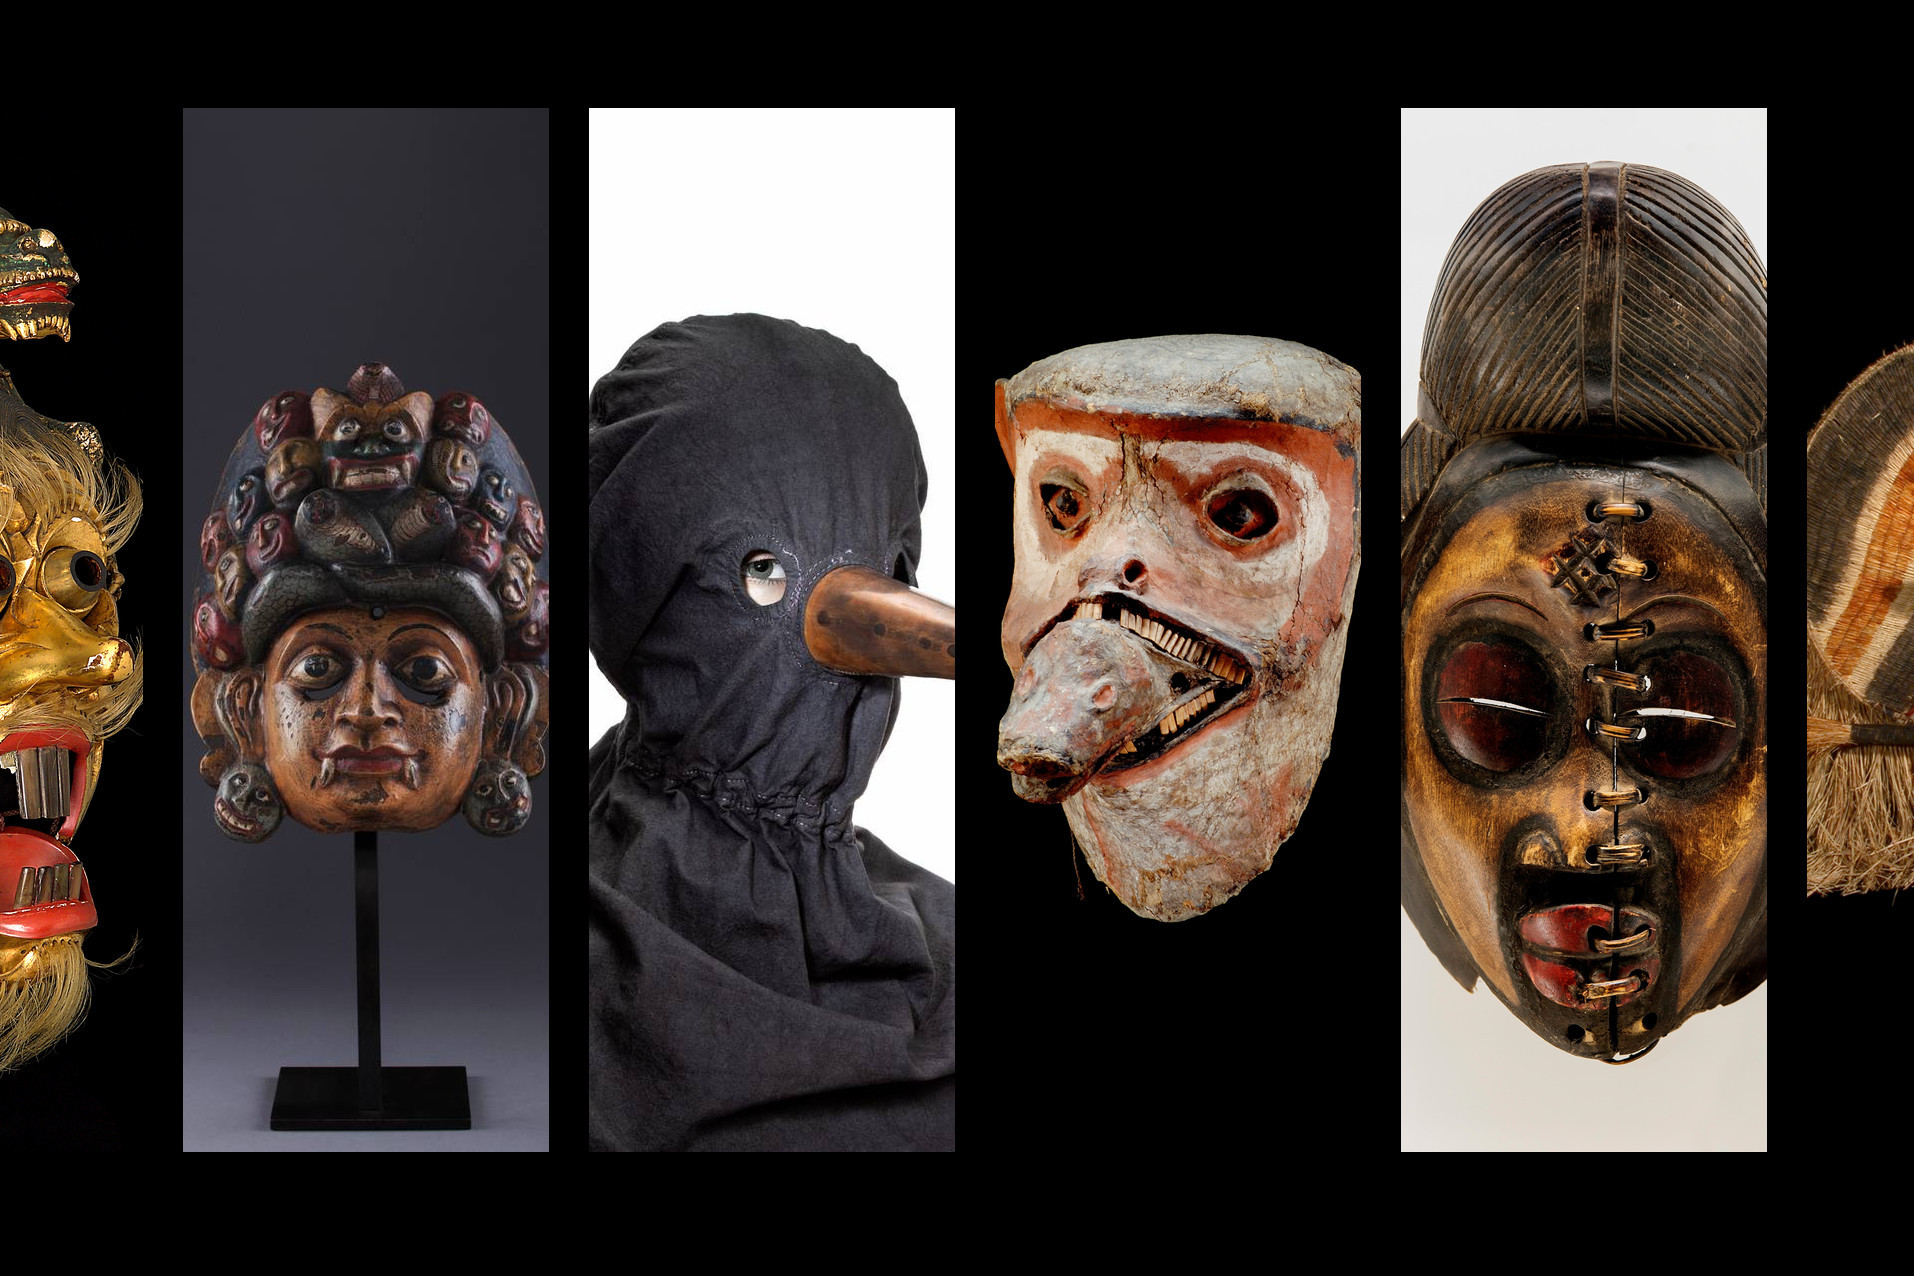 exposição um mundo de mascaras